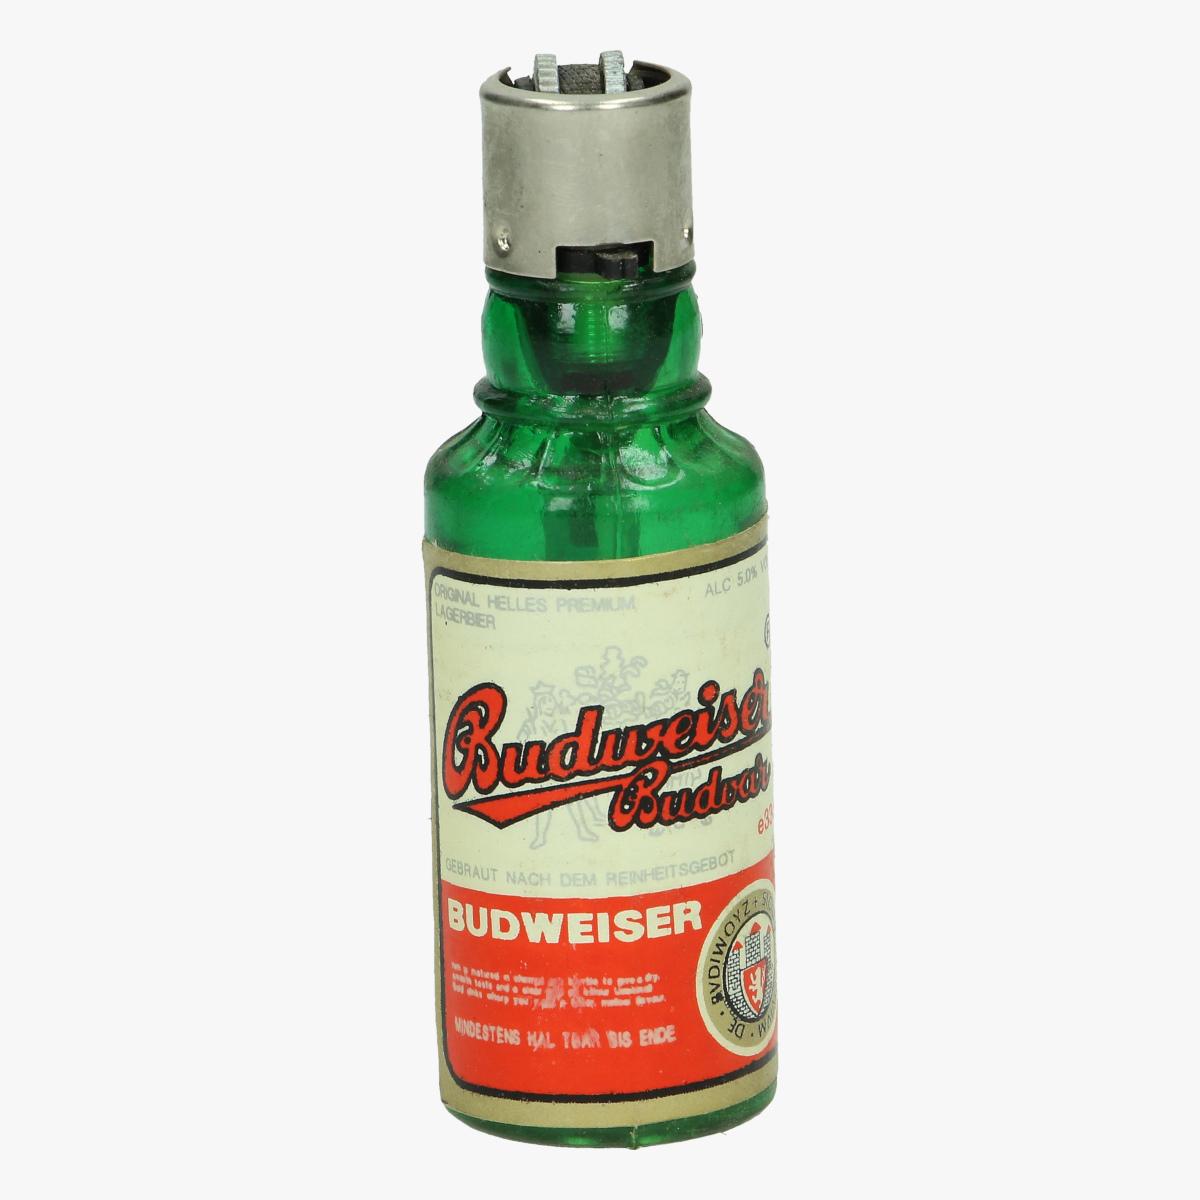 Afbeeldingen van aansteker flesje Budweiser navulbaar